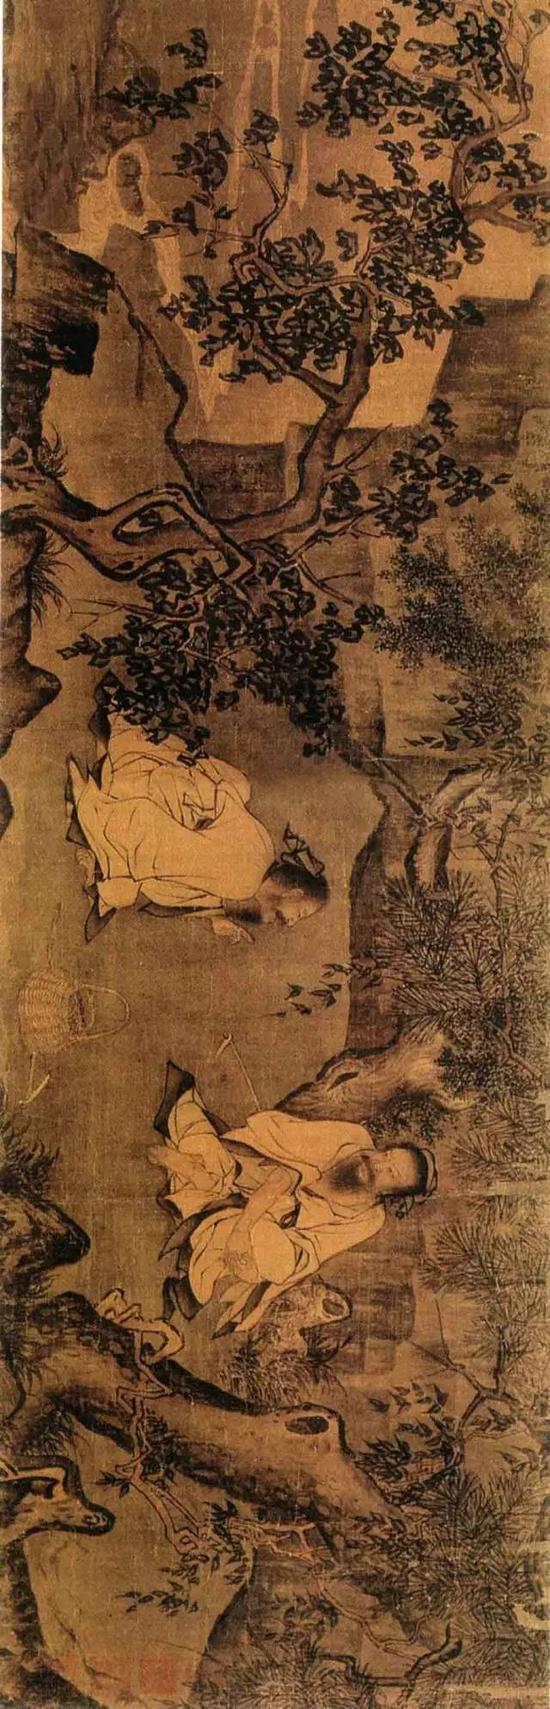 《采薇图》宋 李唐 绢本墨笔 纵27厘米 横90厘米北京故宫博物院藏